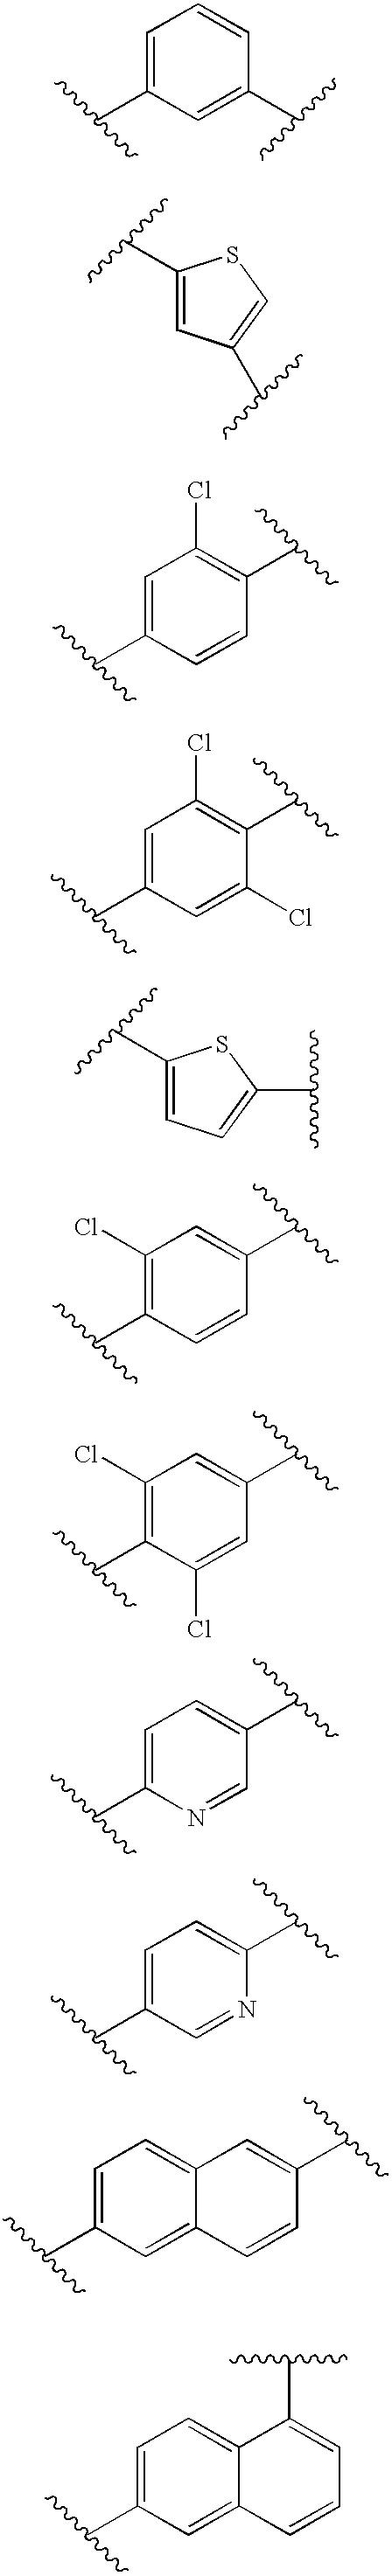 Figure US06498238-20021224-C00746